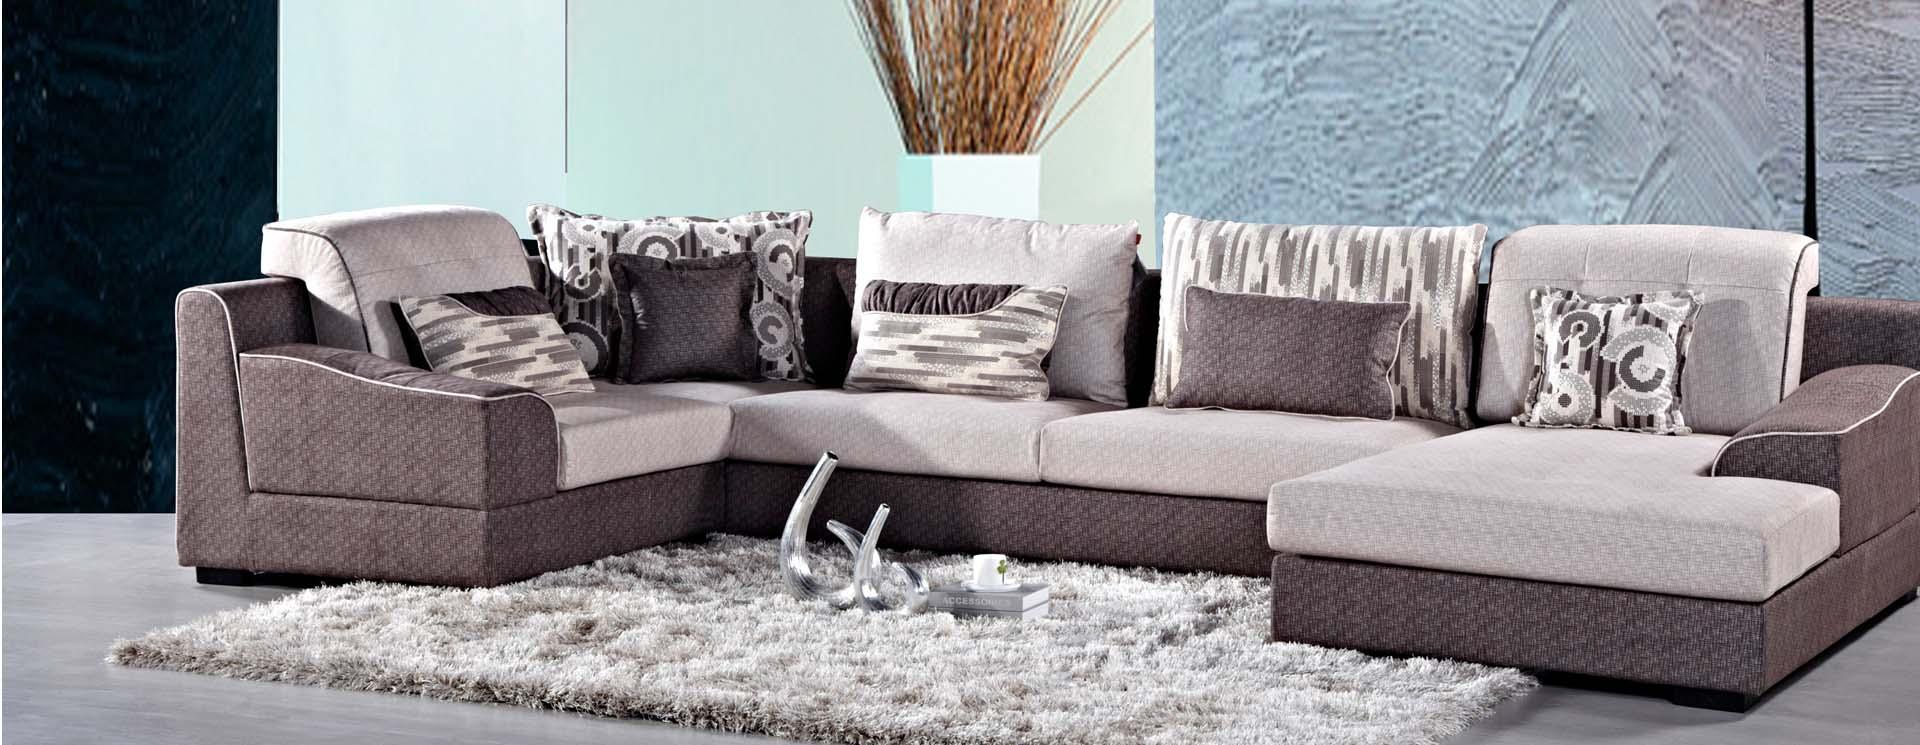 名称:沙发E-620#<br/> 市场价:<font style='color:#999;text-decoration:line-through;'>¥0</font><br />全国统一零售价:<font color='Red'>¥0.0</font>